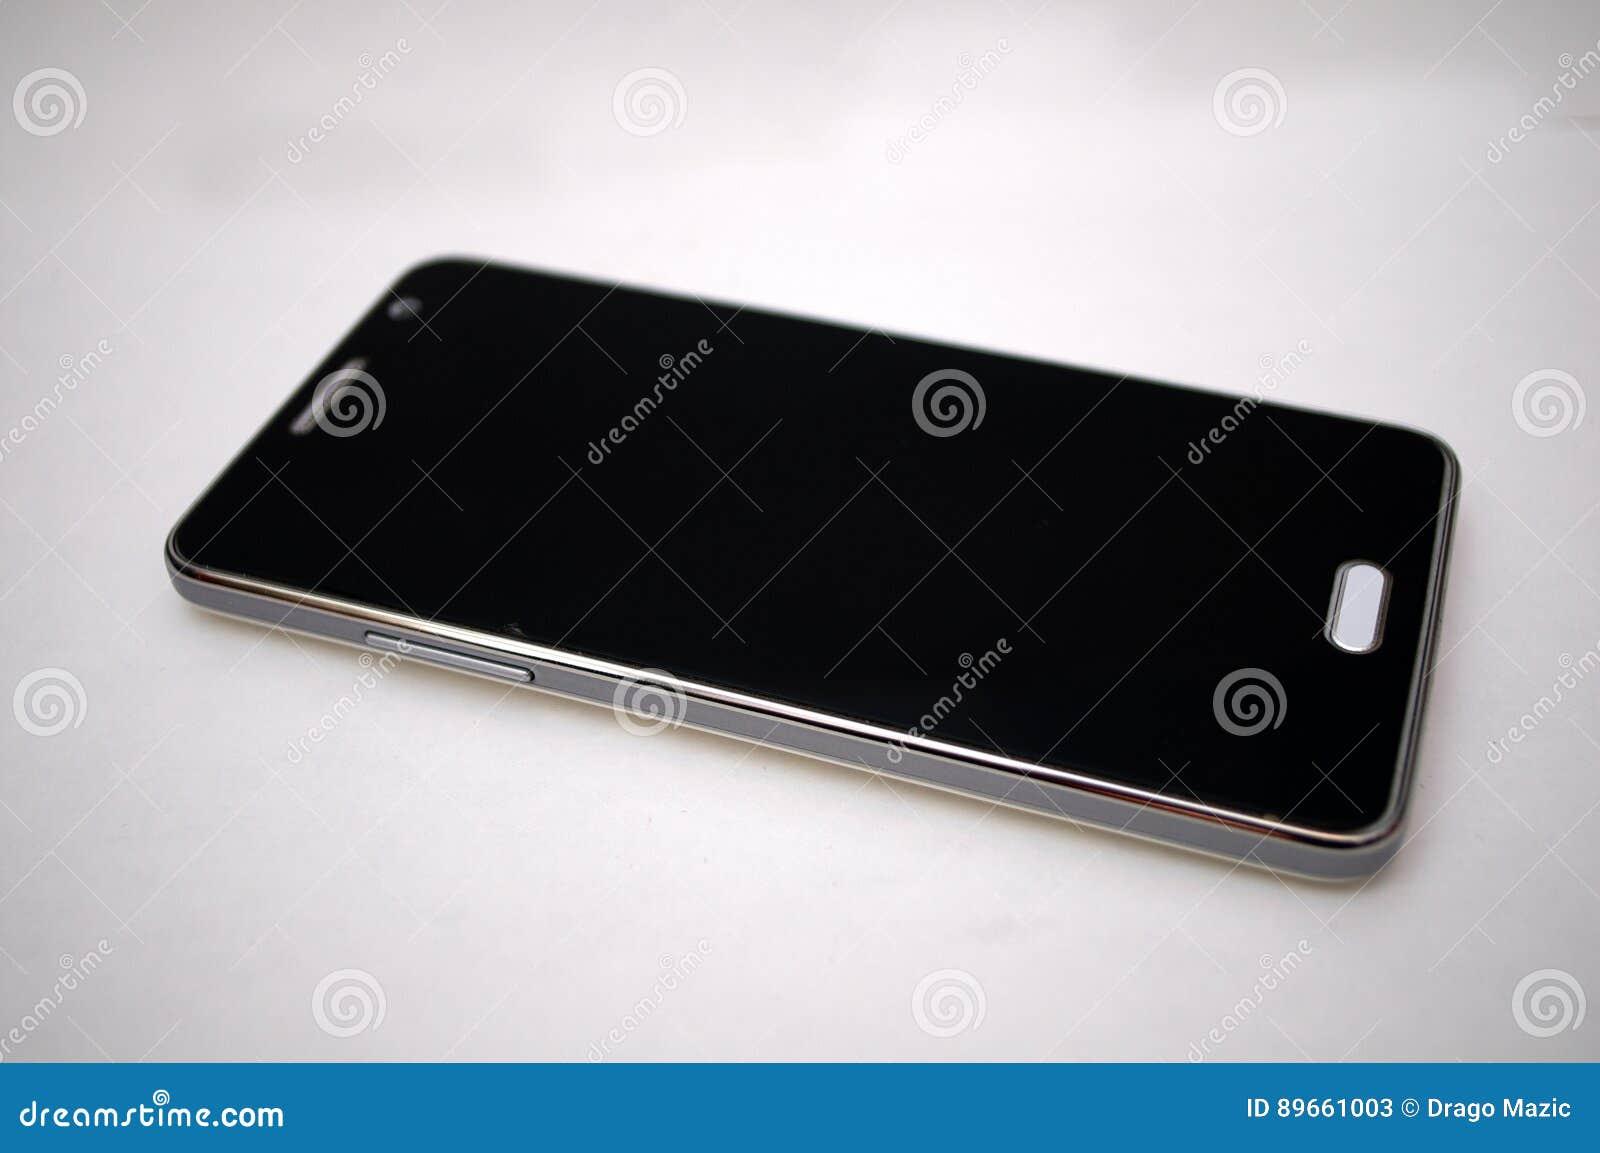 при фотографировании черный экран на телефоне каждый хозяин